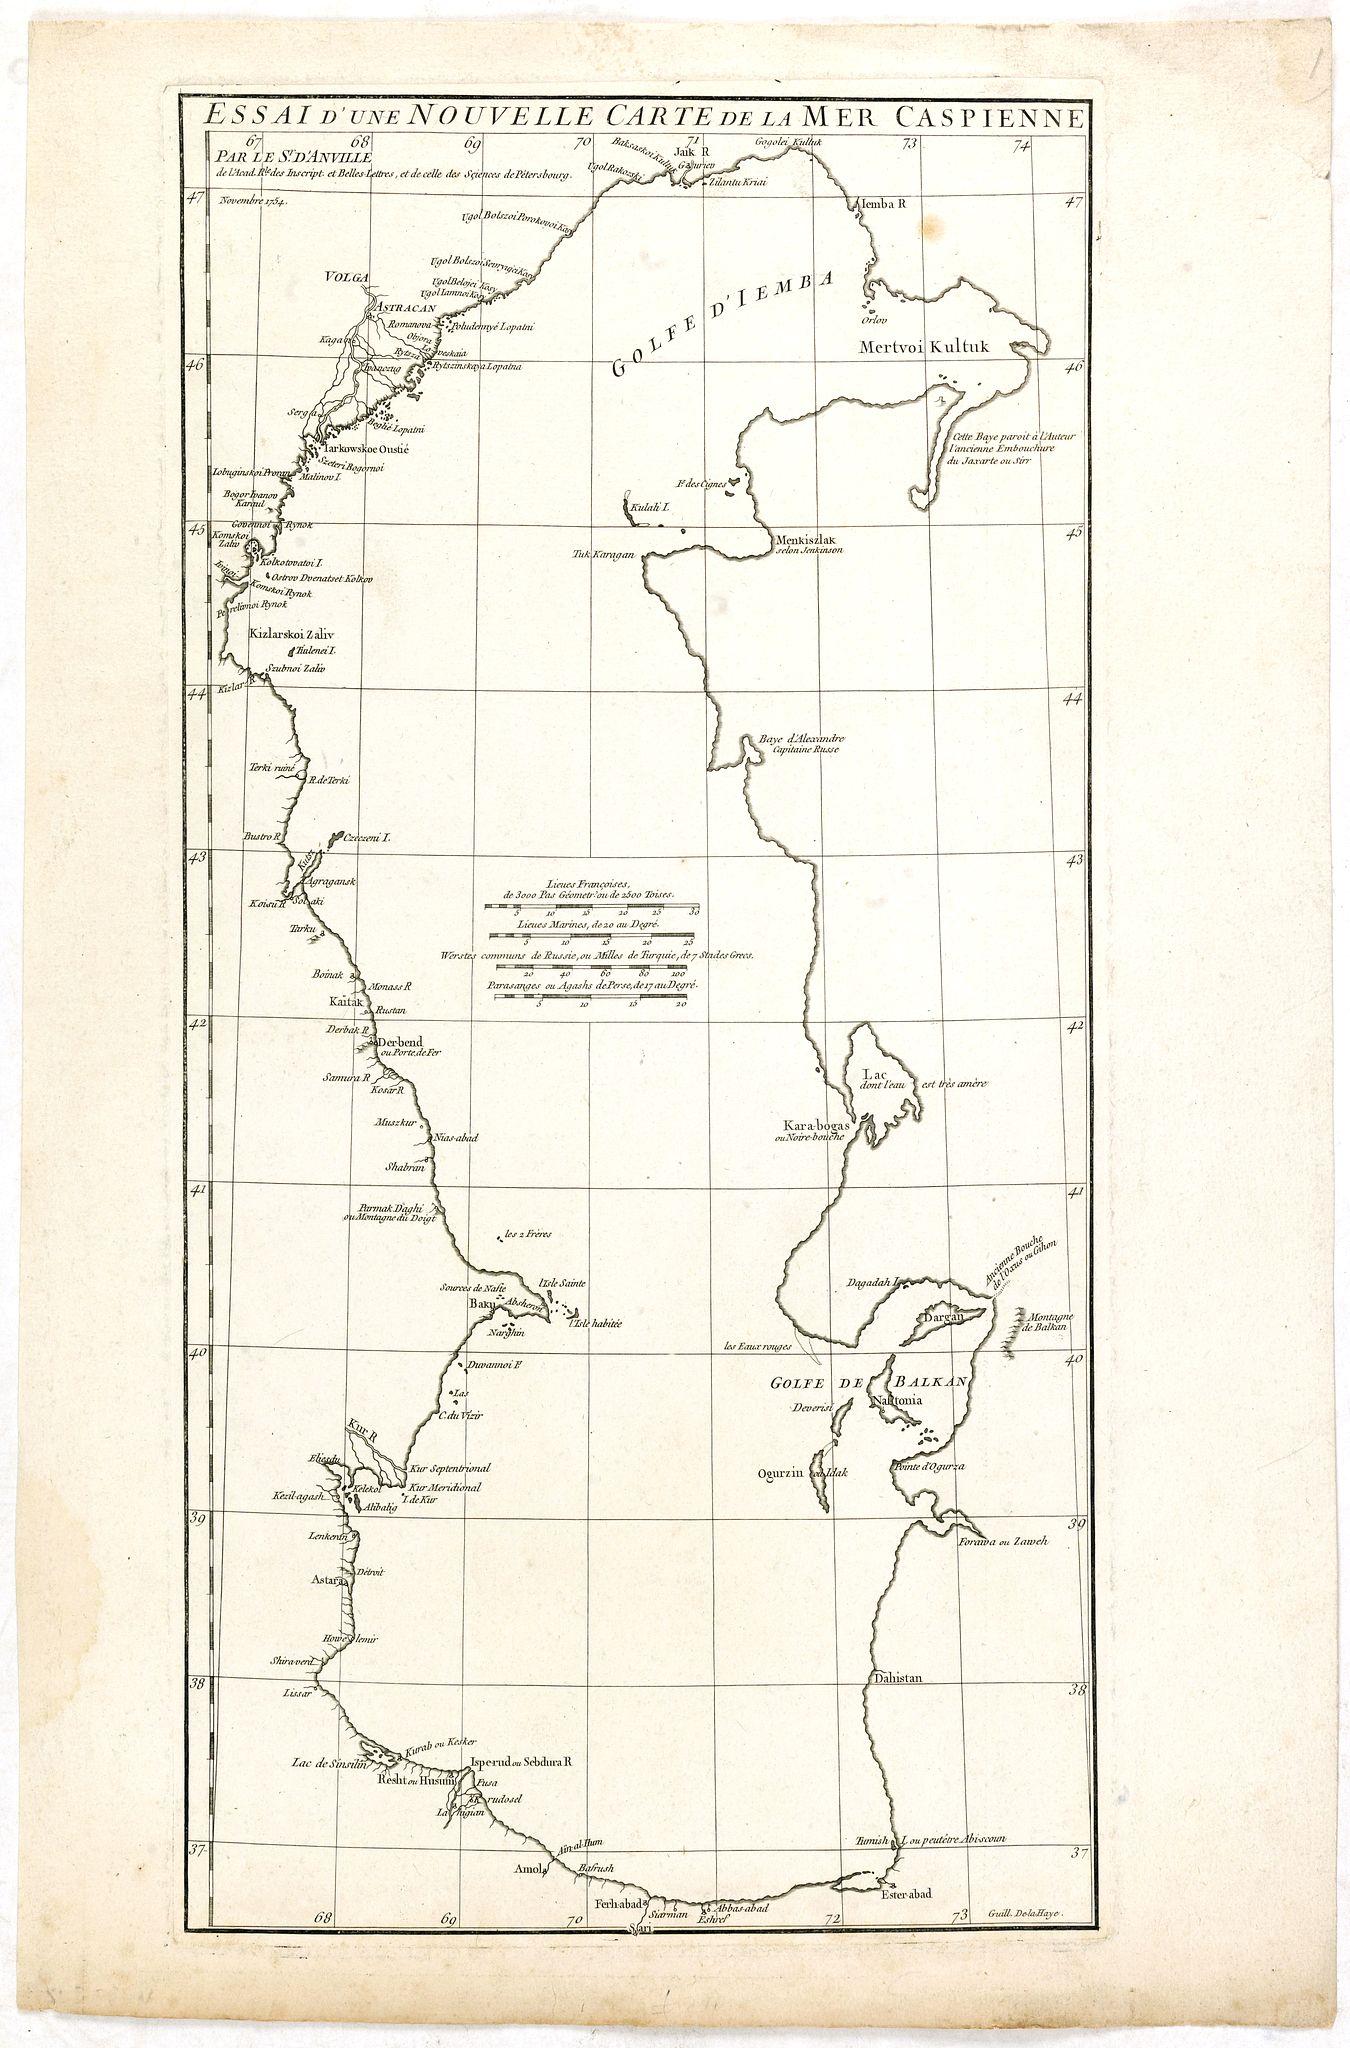 D'ANVILLE, J. -  Essai D'Une Nouvelle Carte de la Mer Caspienne.